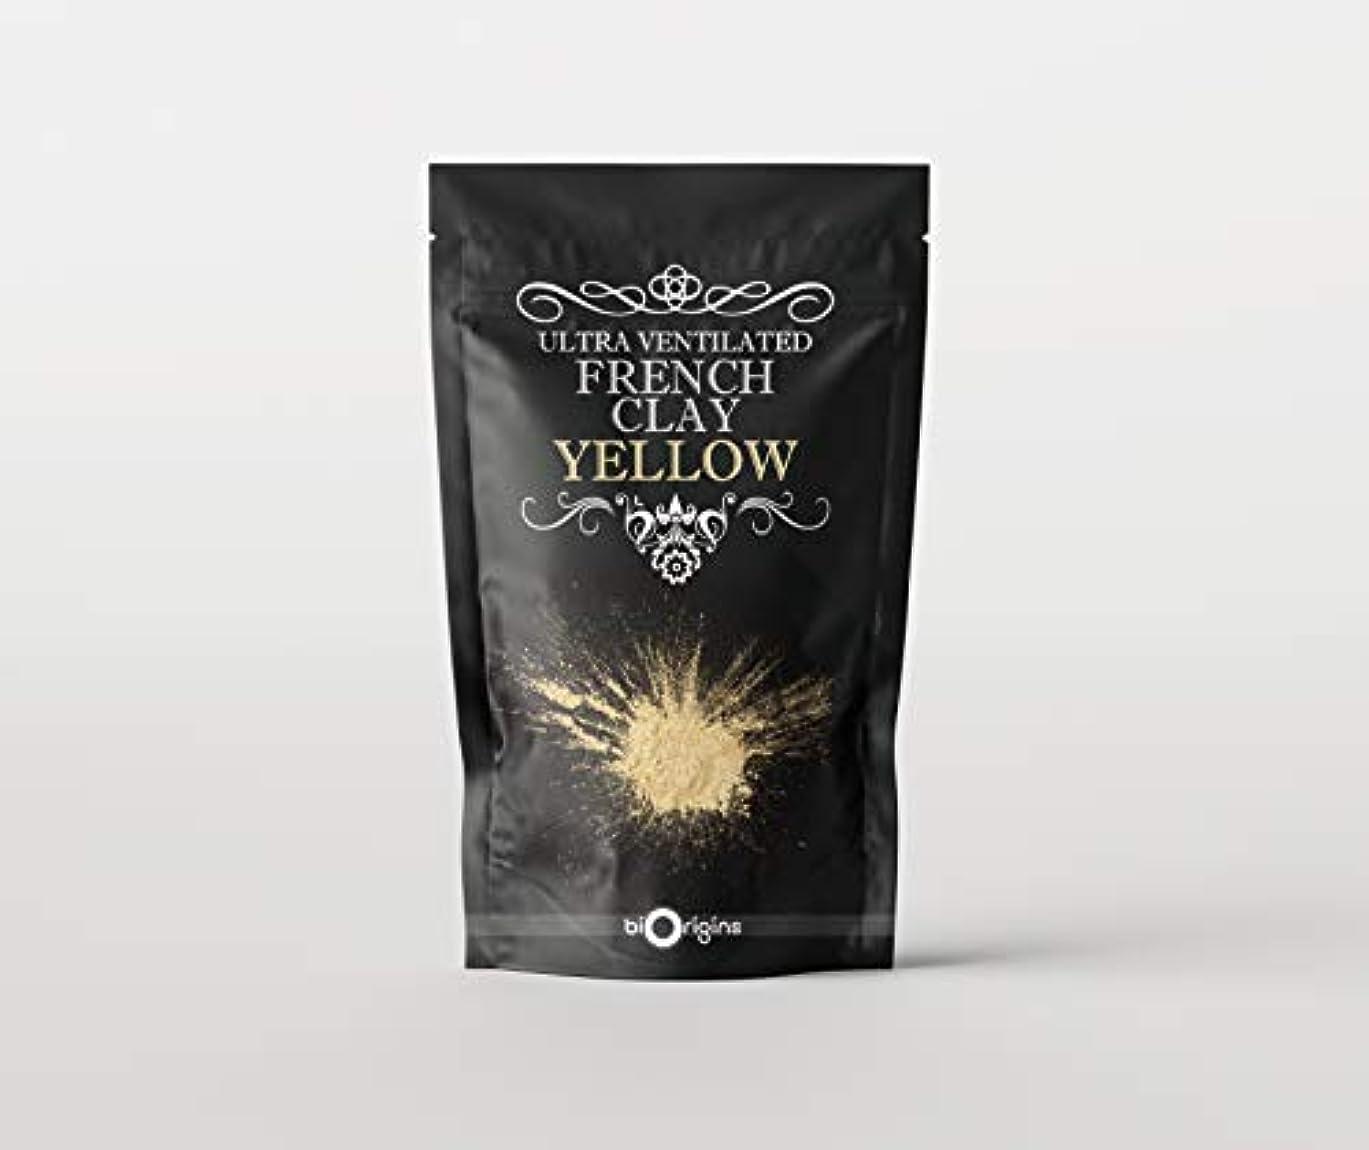 ネズミ闇危険を冒しますYellow Ultra Ventilated French Clay - 500g